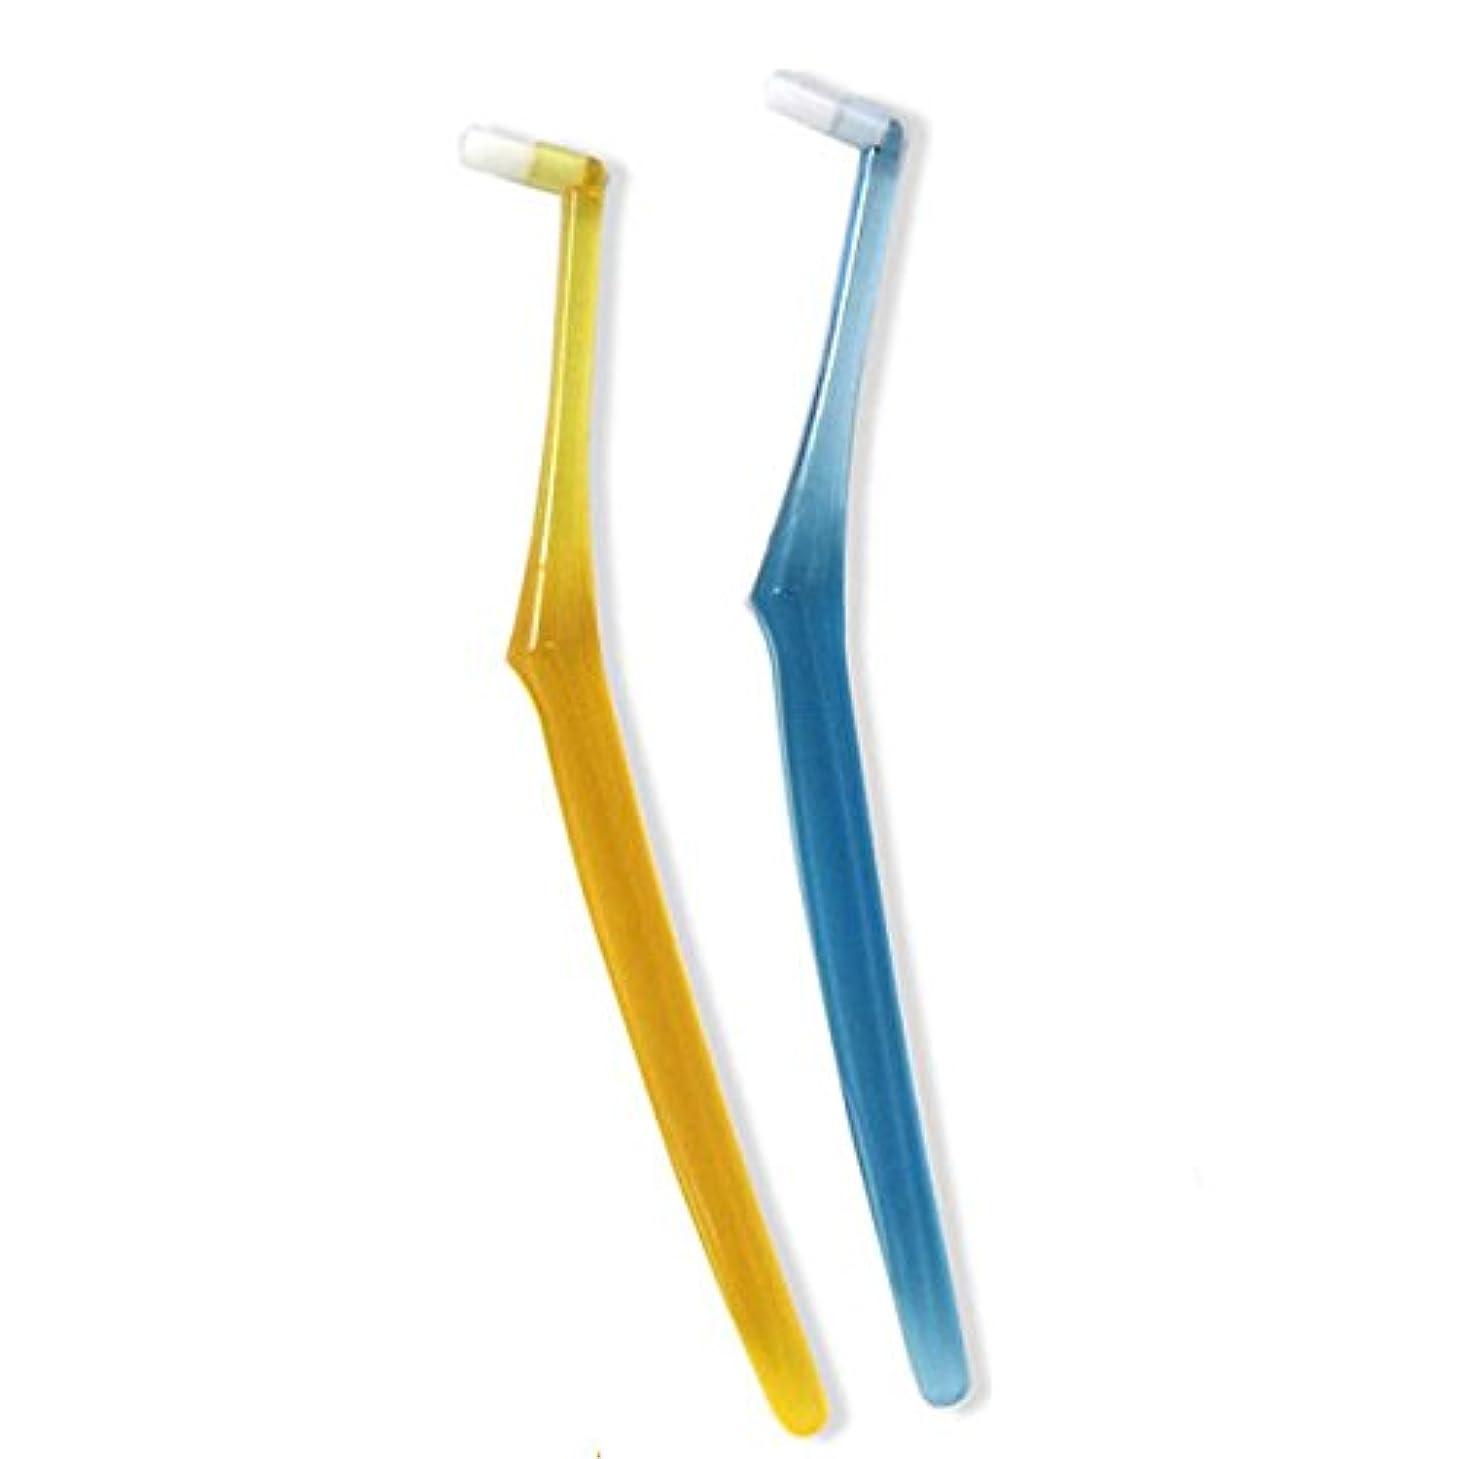 可動厚さインタラクション【ワンタフト】 オーラルケア インプロ インプラント専用 歯ブラシ 24本セット (US(ウルトラソフト))